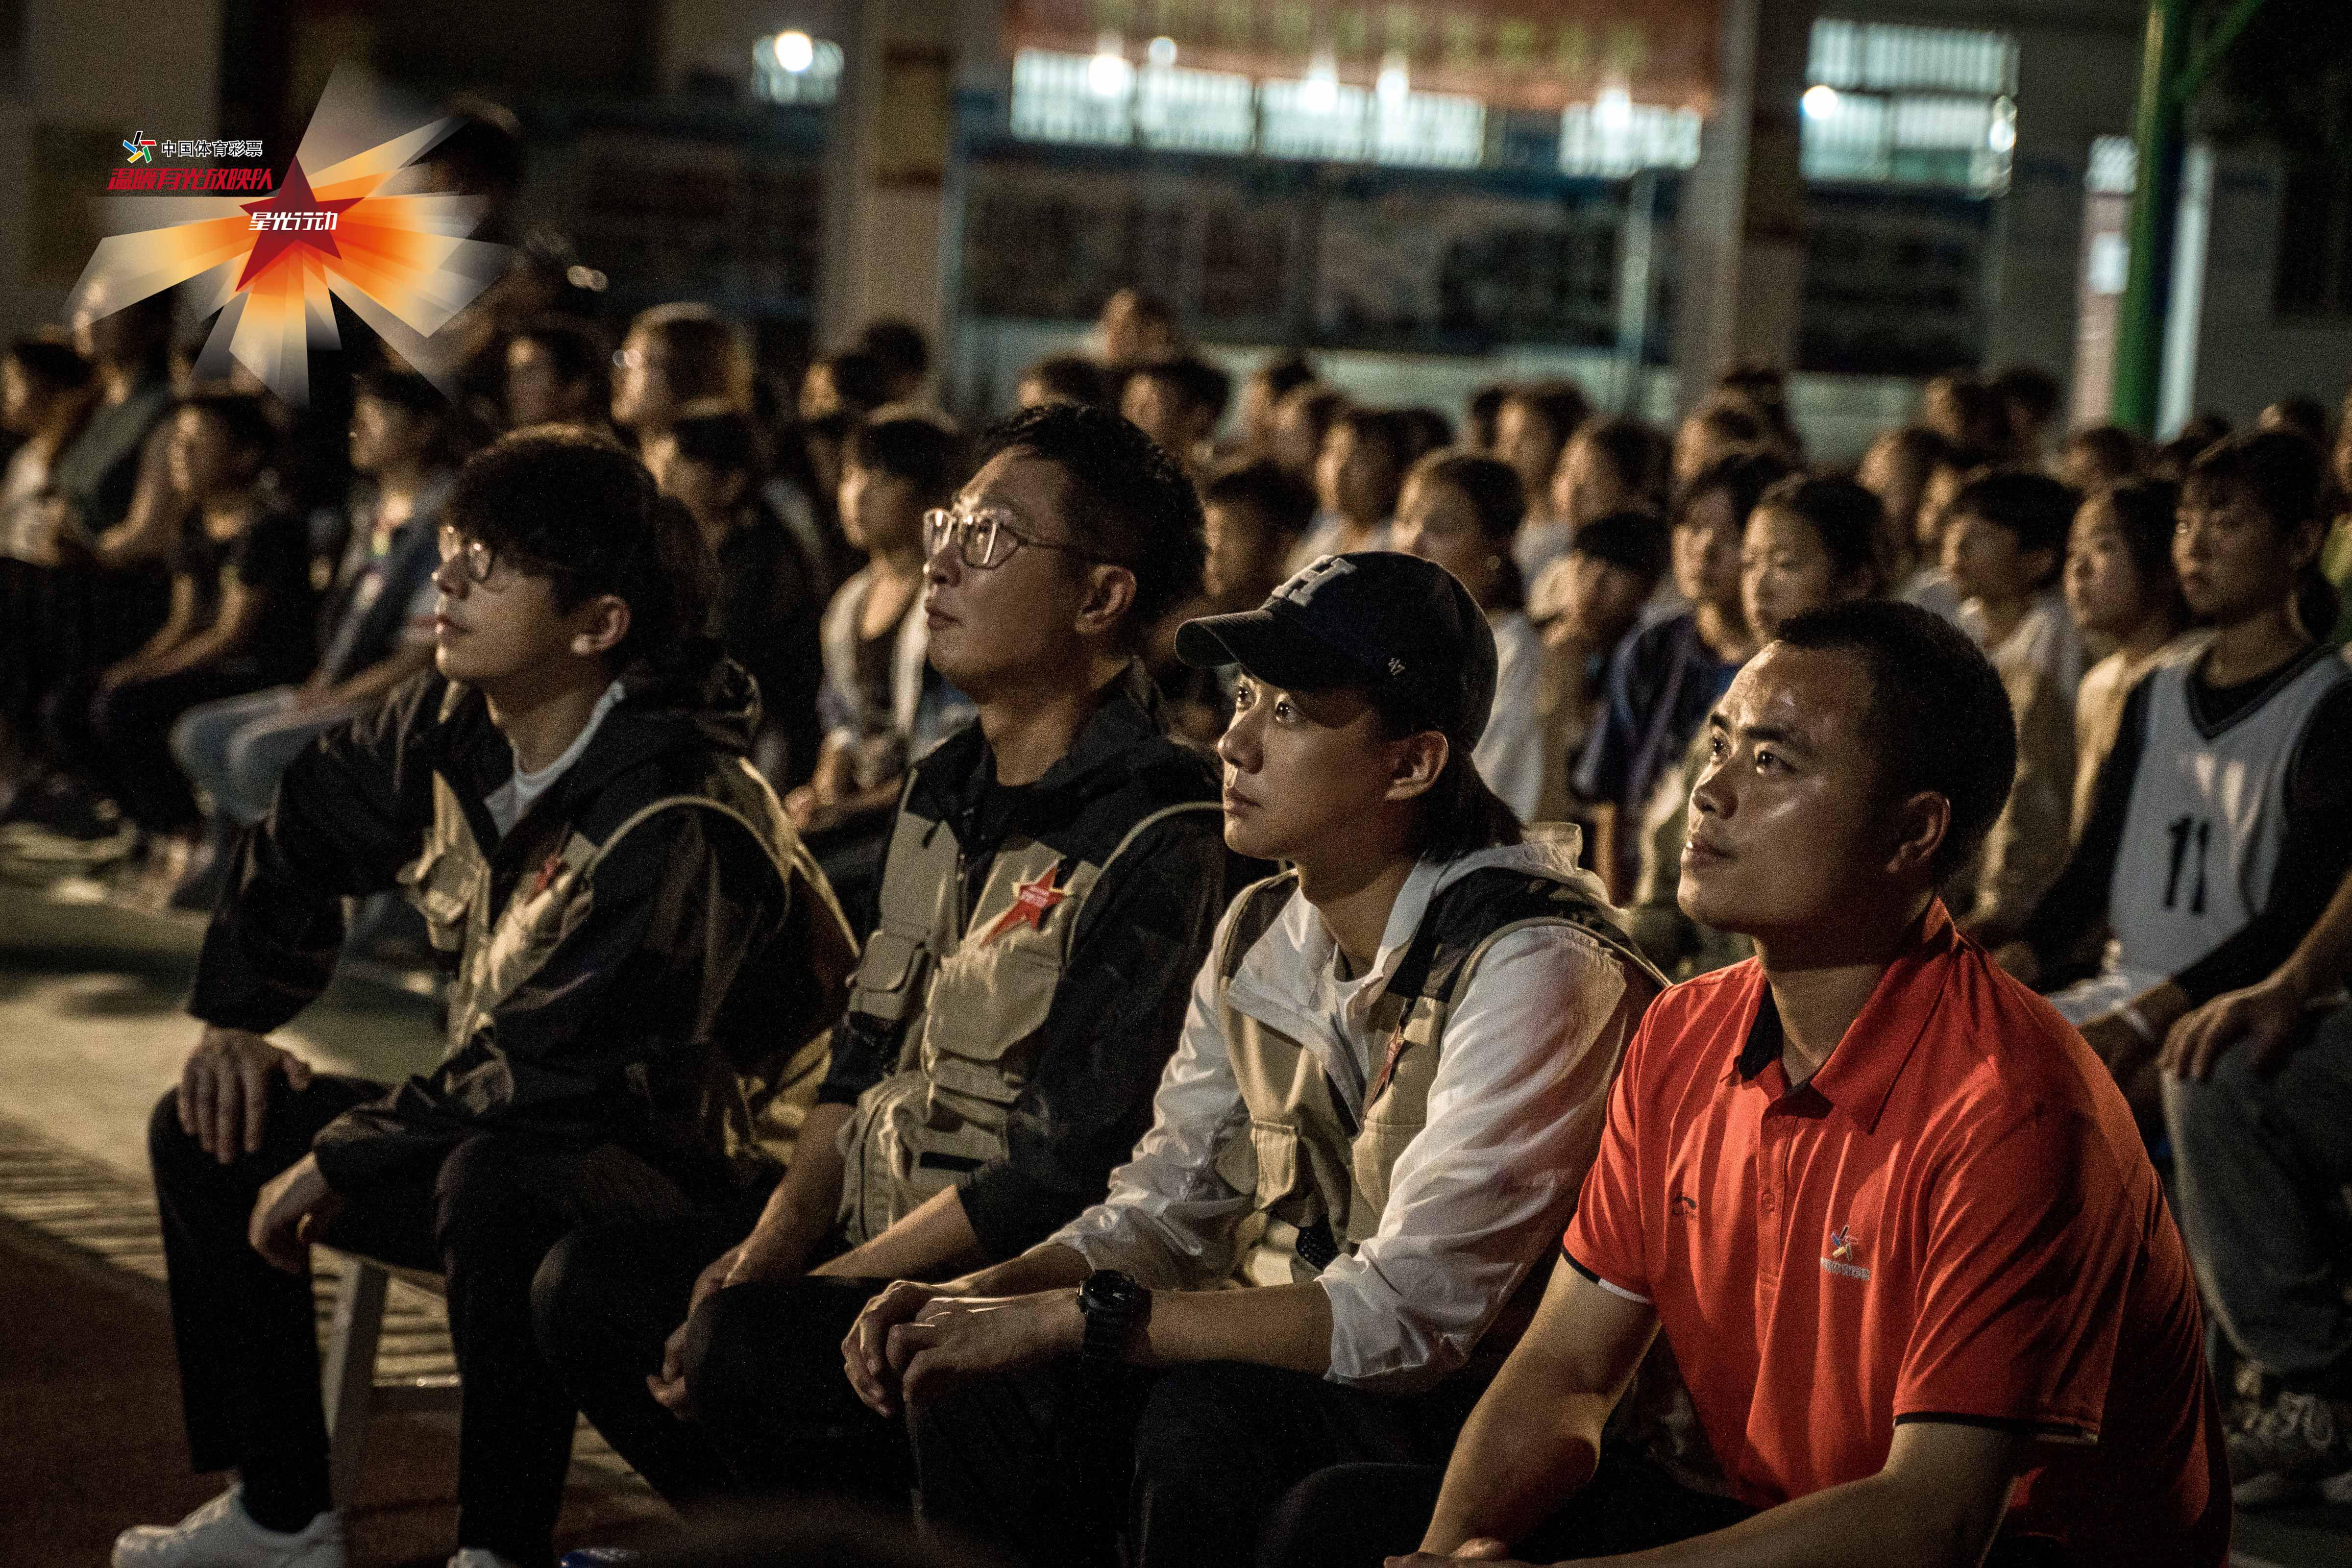 《温暖有光放映队》第二站 照亮峨边孩子的幸福